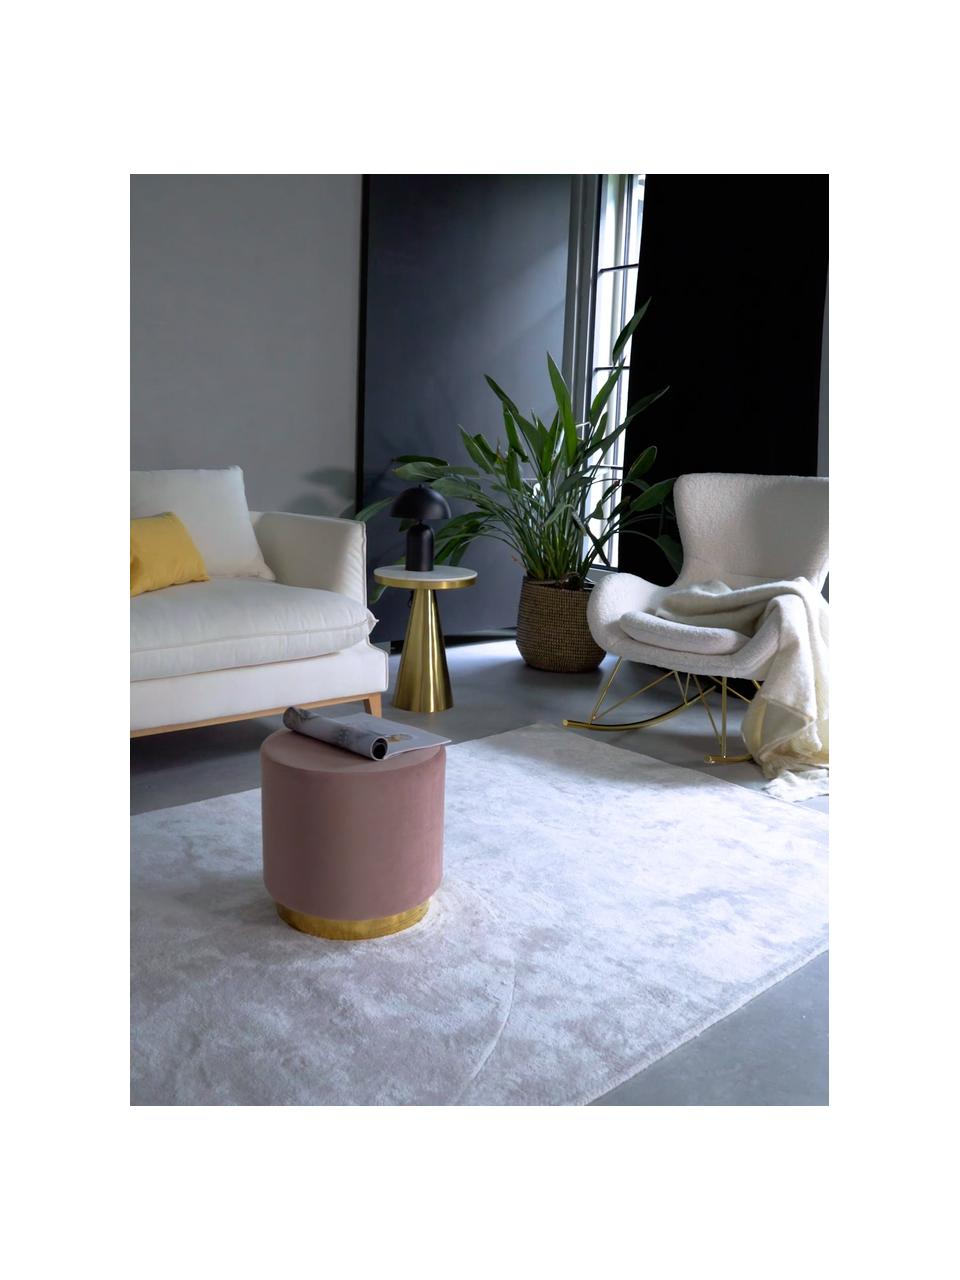 Pouf in velluto rosa Orchid, Rivestimento: velluto (100% poliestere), Struttura: compensato, Rivestimento: rosa Base: dorato, Ø 38 x Alt. 38 cm